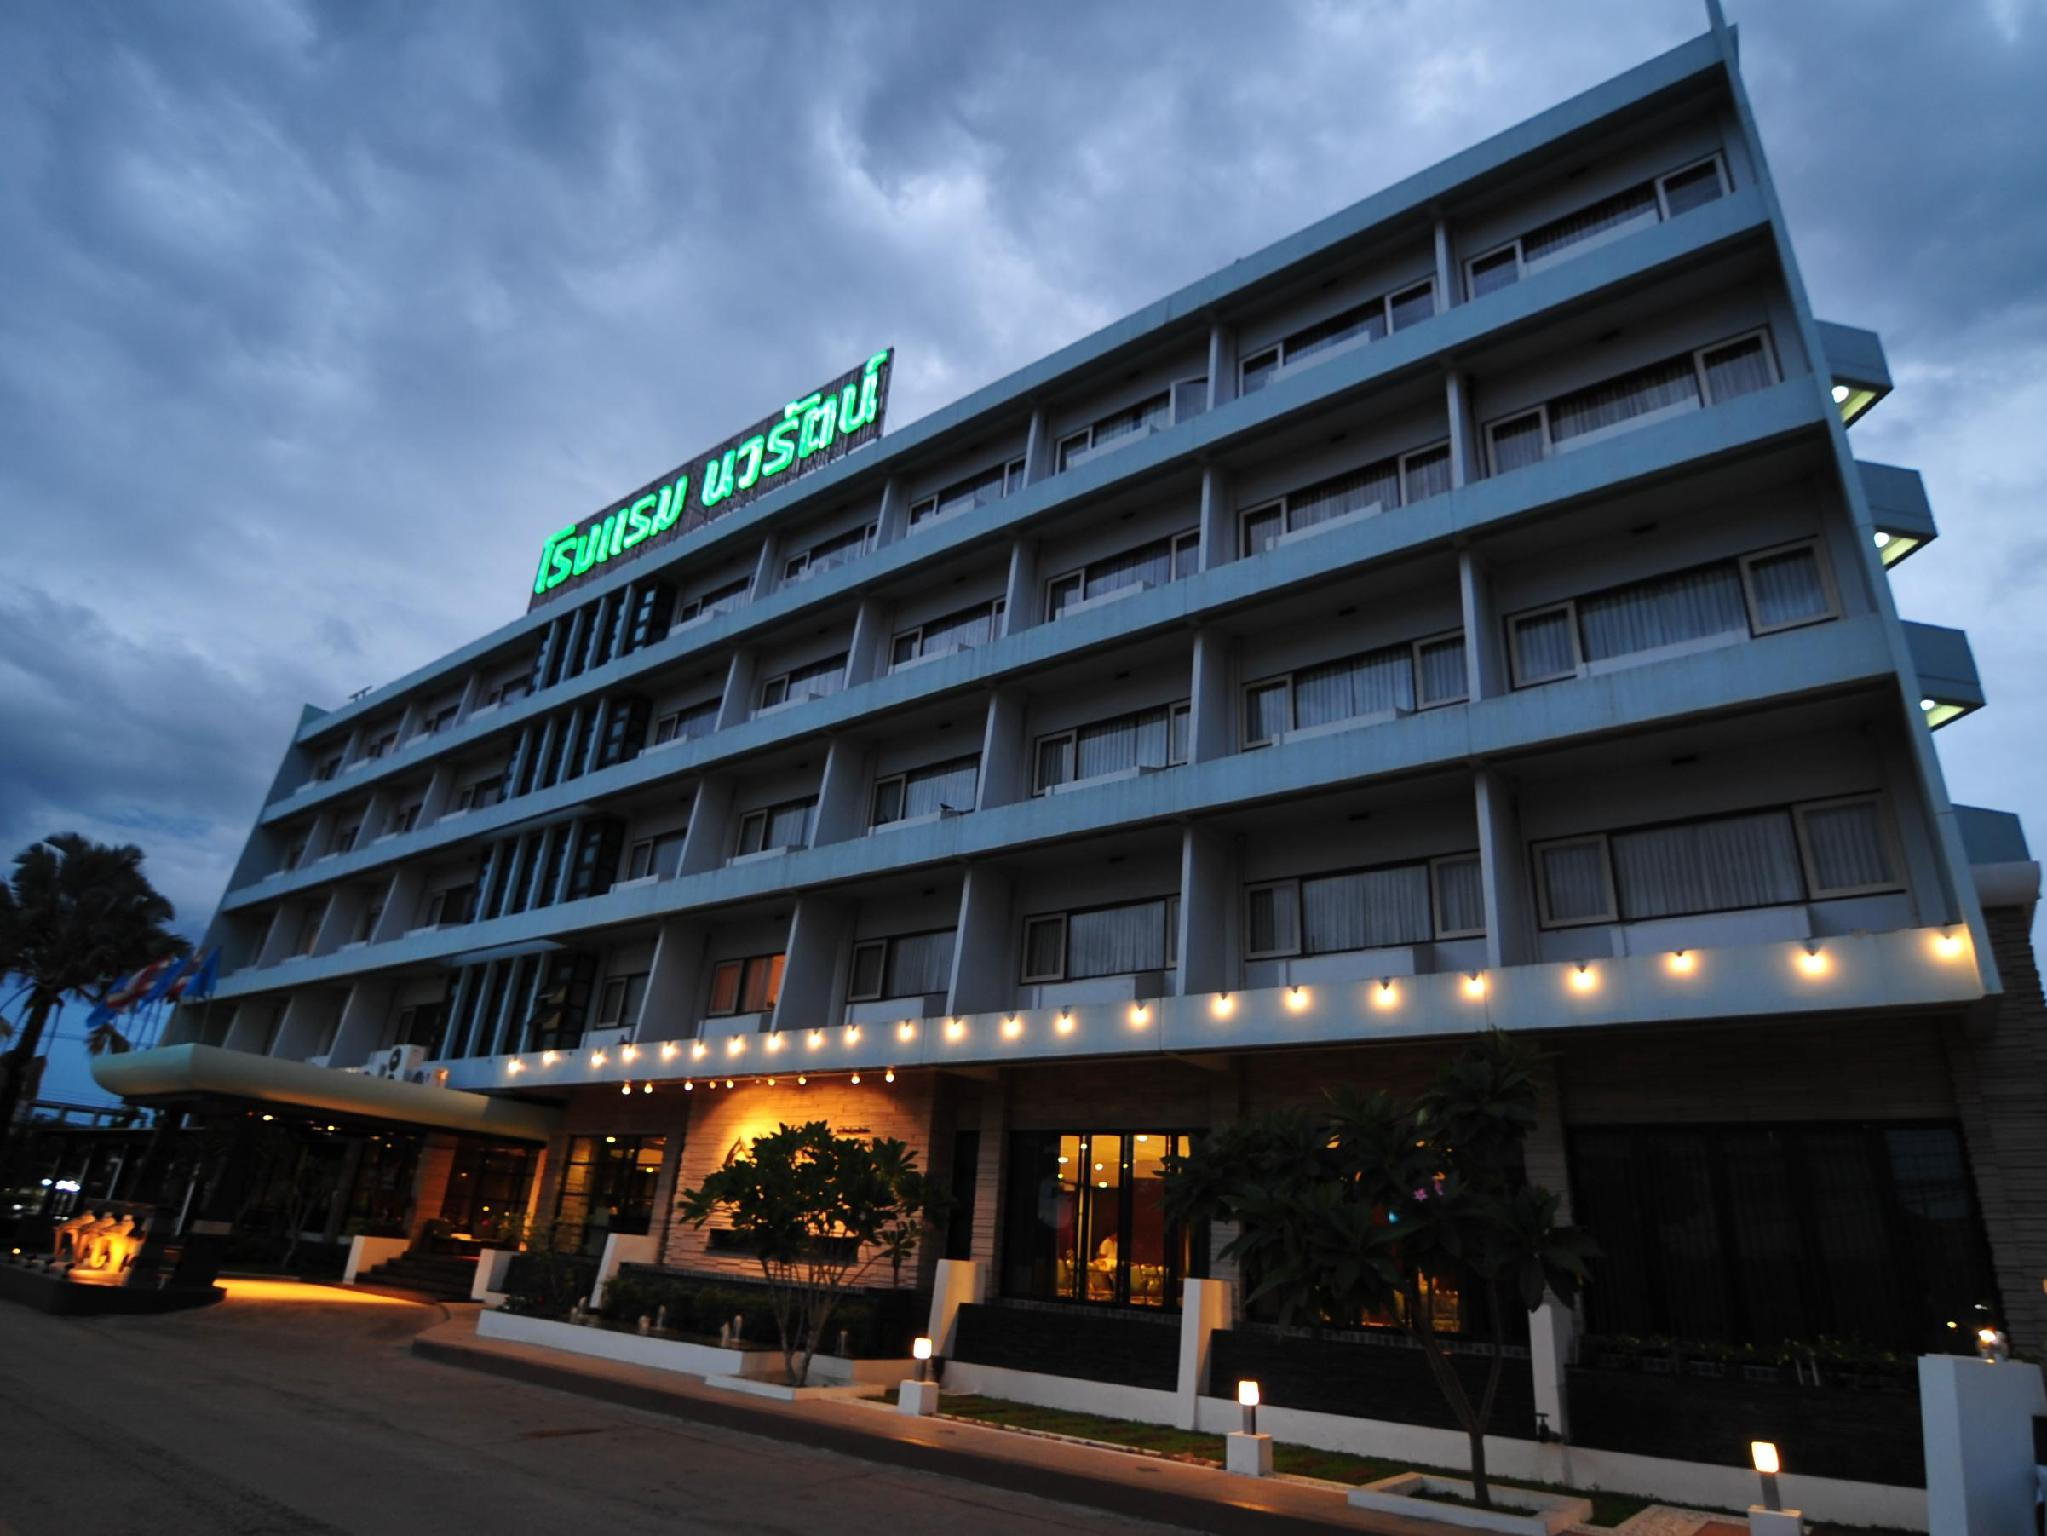 โรงแรมนวรัตน์เฮอริเทจ